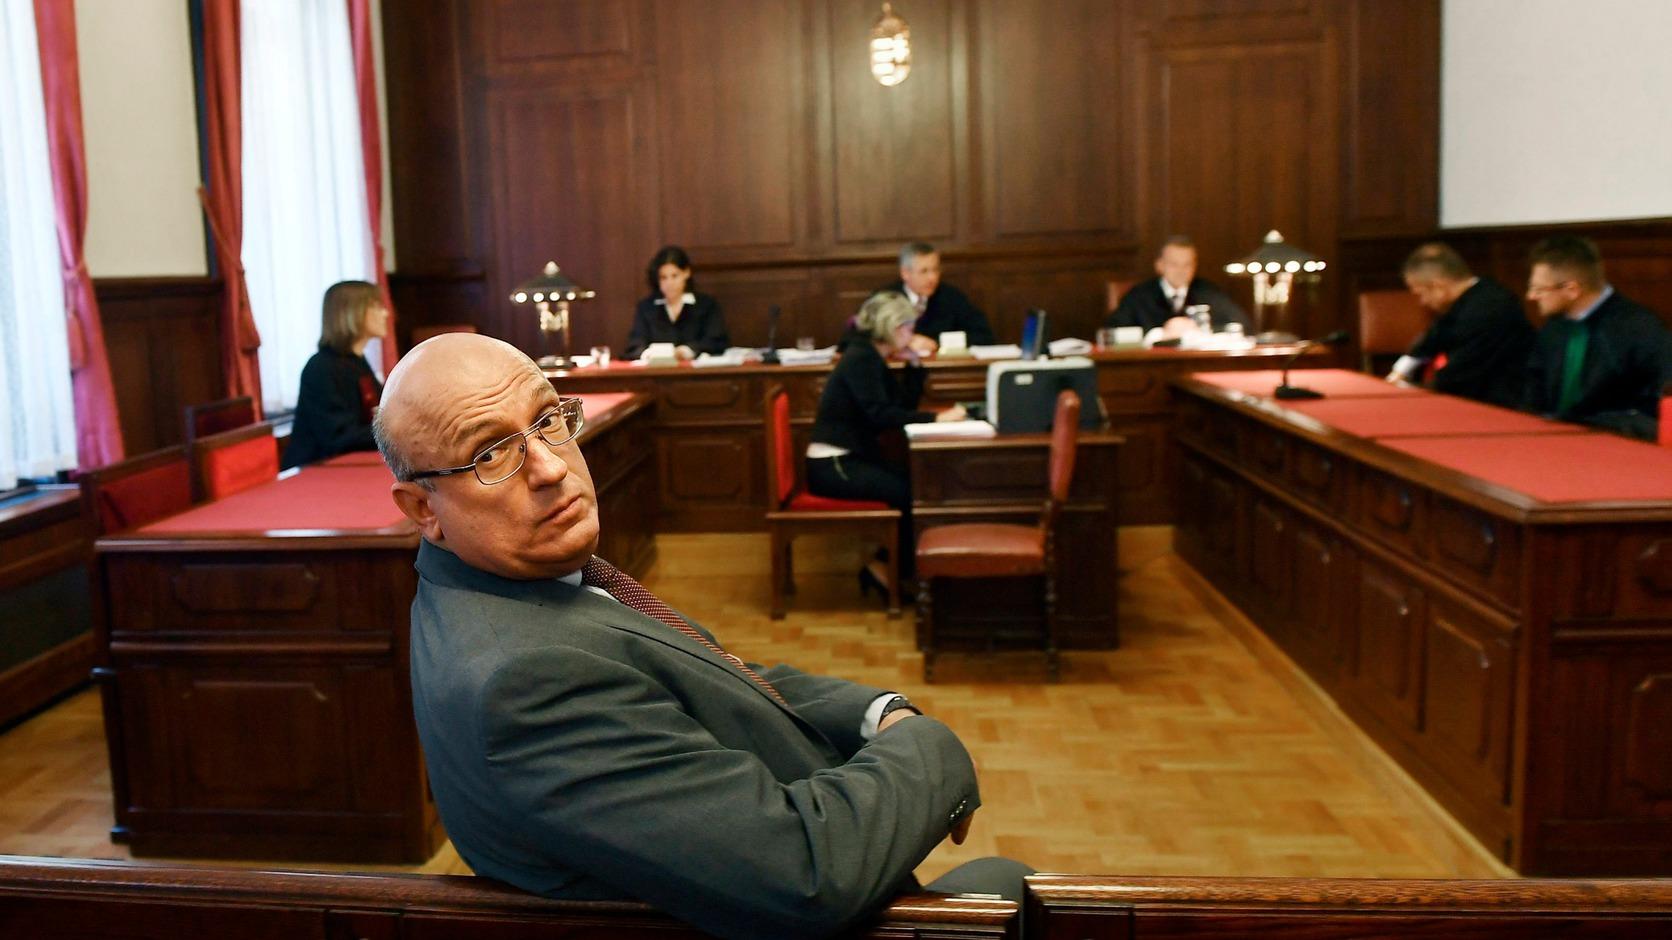 Budapest, 2017. június 8. Császy Zsolt, a Magyar Nemzeti Vagyonkezelő (MNV) Zrt. volt értékesítési igazgatója a 2008-as sukorói telekcsere ügyében indult büntetőper tárgyalásán a Kúrián 2017. június 8-án. Három, illetve két és fél év letöltendő börtönbüntetésre ítélte hűtlen kezelés kísérlete miatt a Kúria a 2008-as sukorói telekcsere ügyében Tátrai Miklóst és Császy Zsoltot, az MNV Zrt. egykori vezetőit. A harmadfokú ítélet jogerős. MTI Fotó: Illyés Tibor